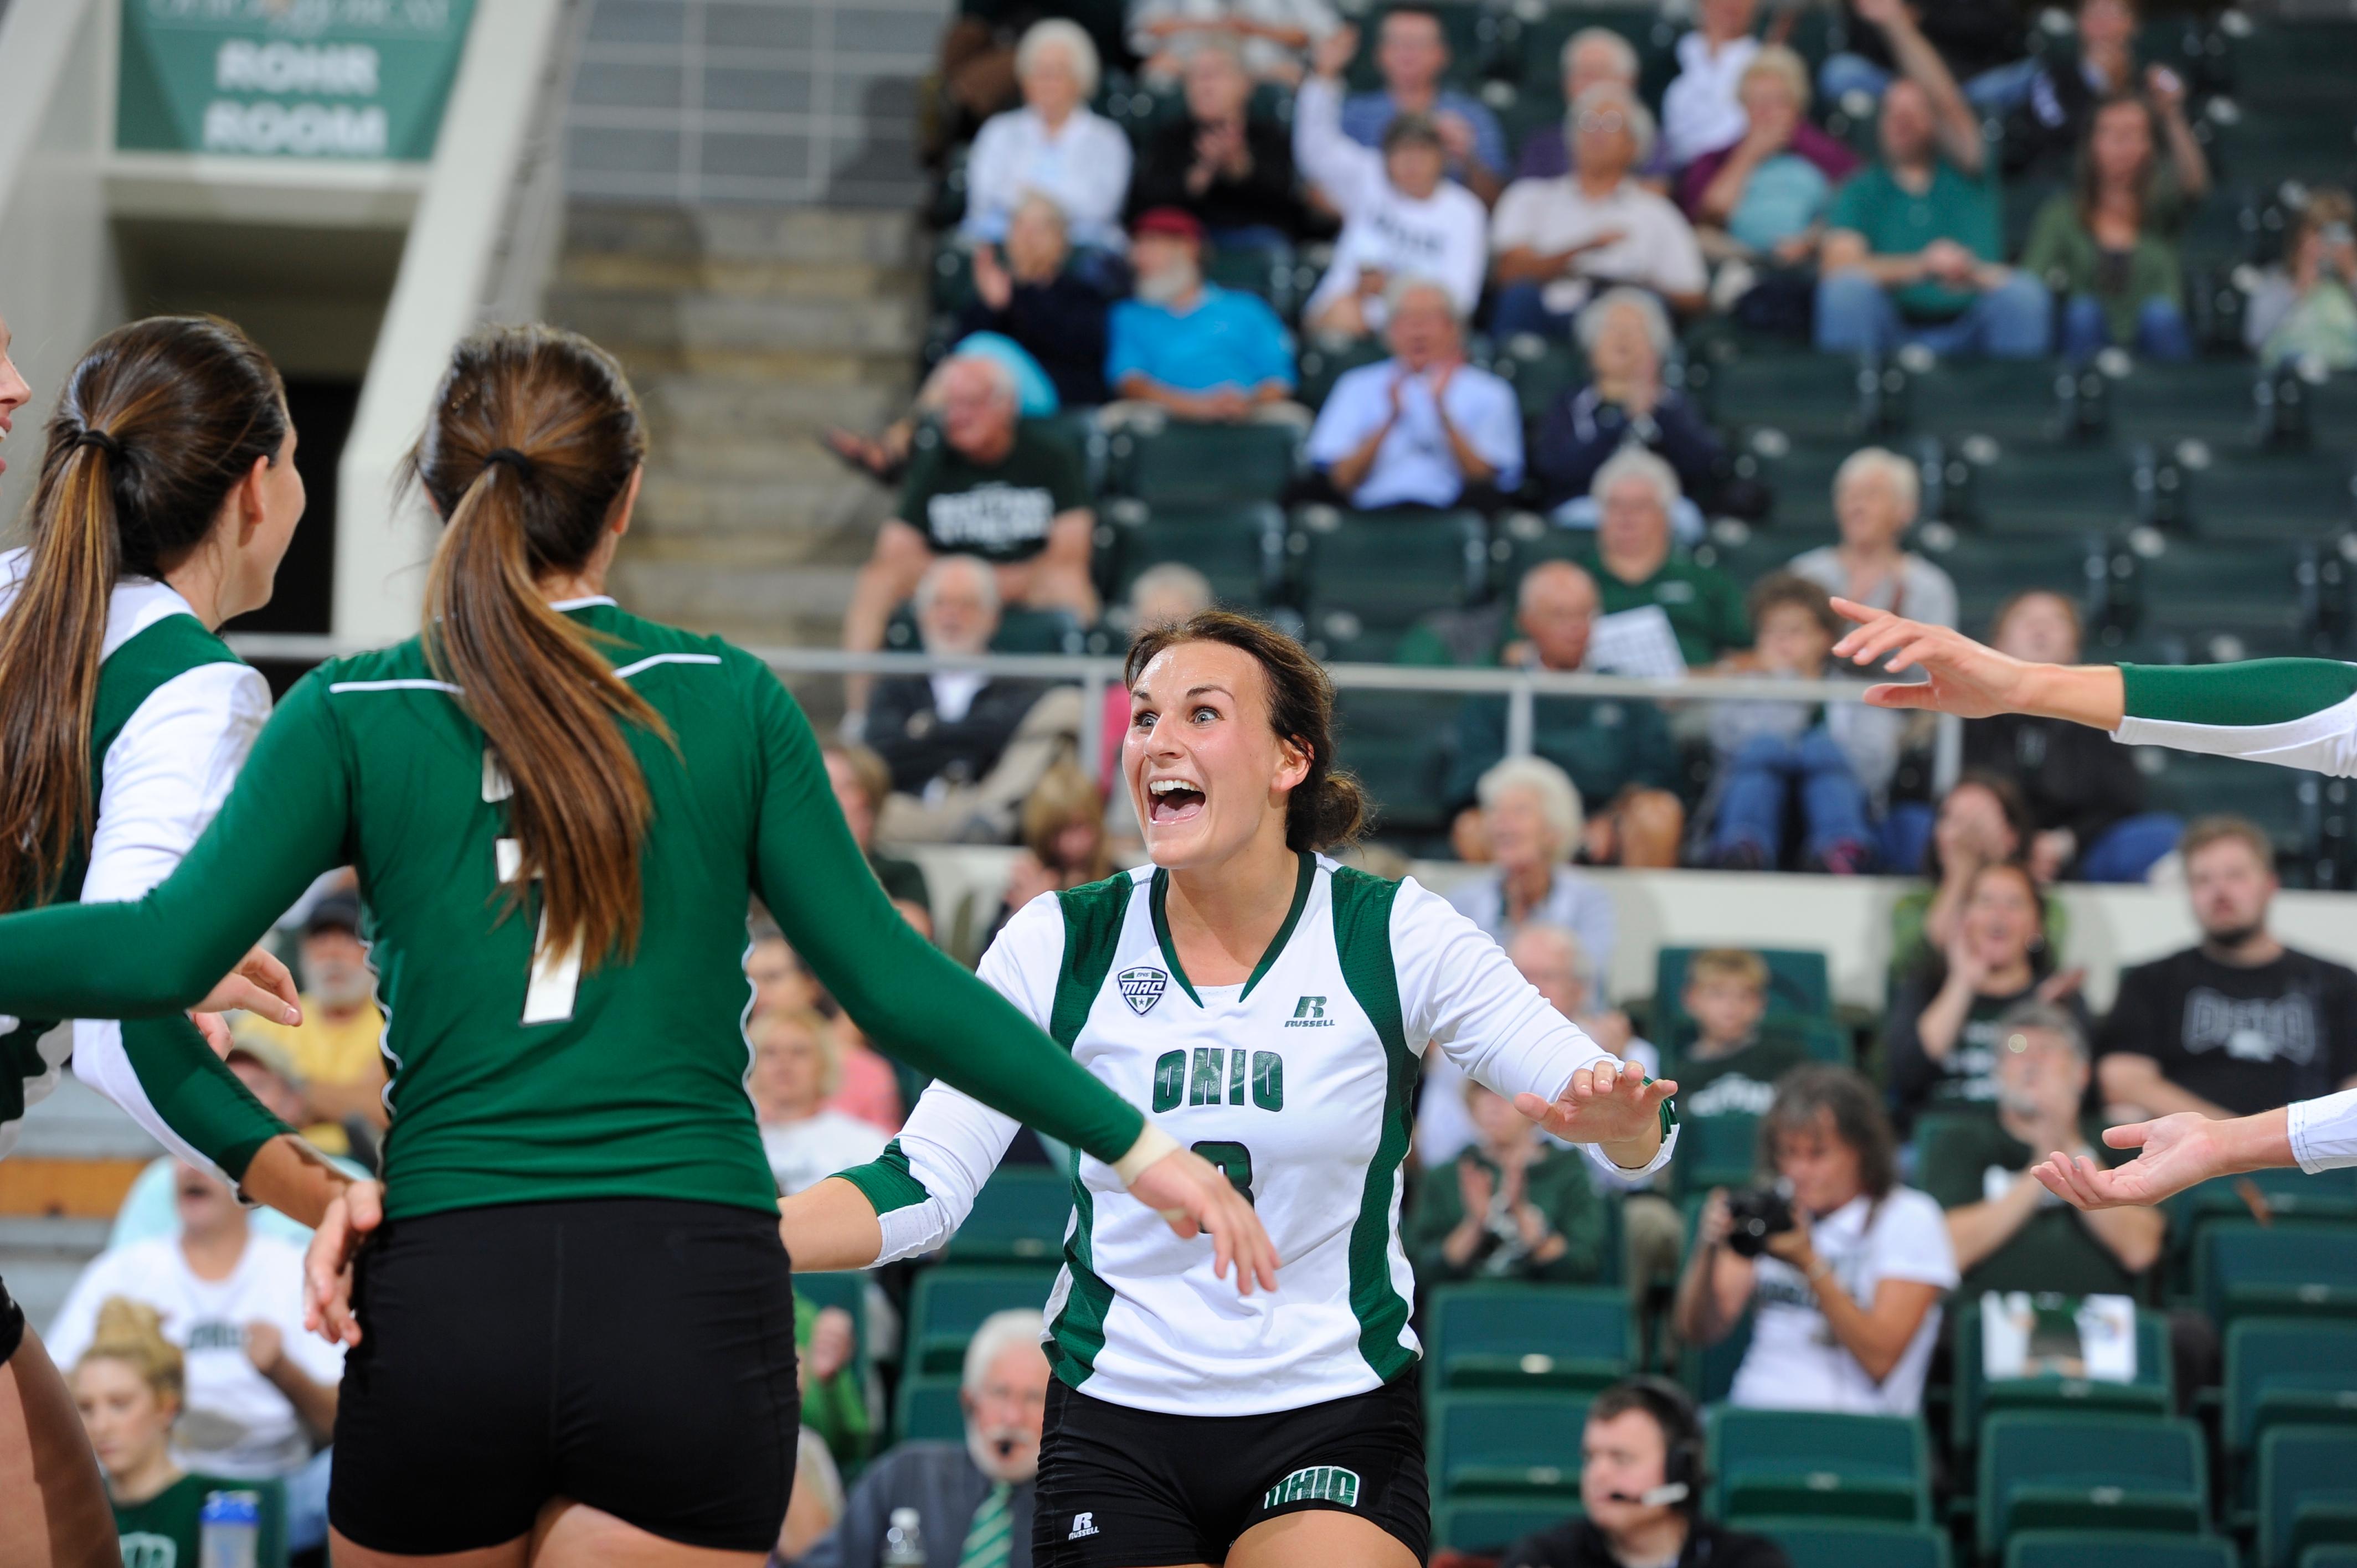 Photo Cred: Sarah Stier   Ohio Athletics